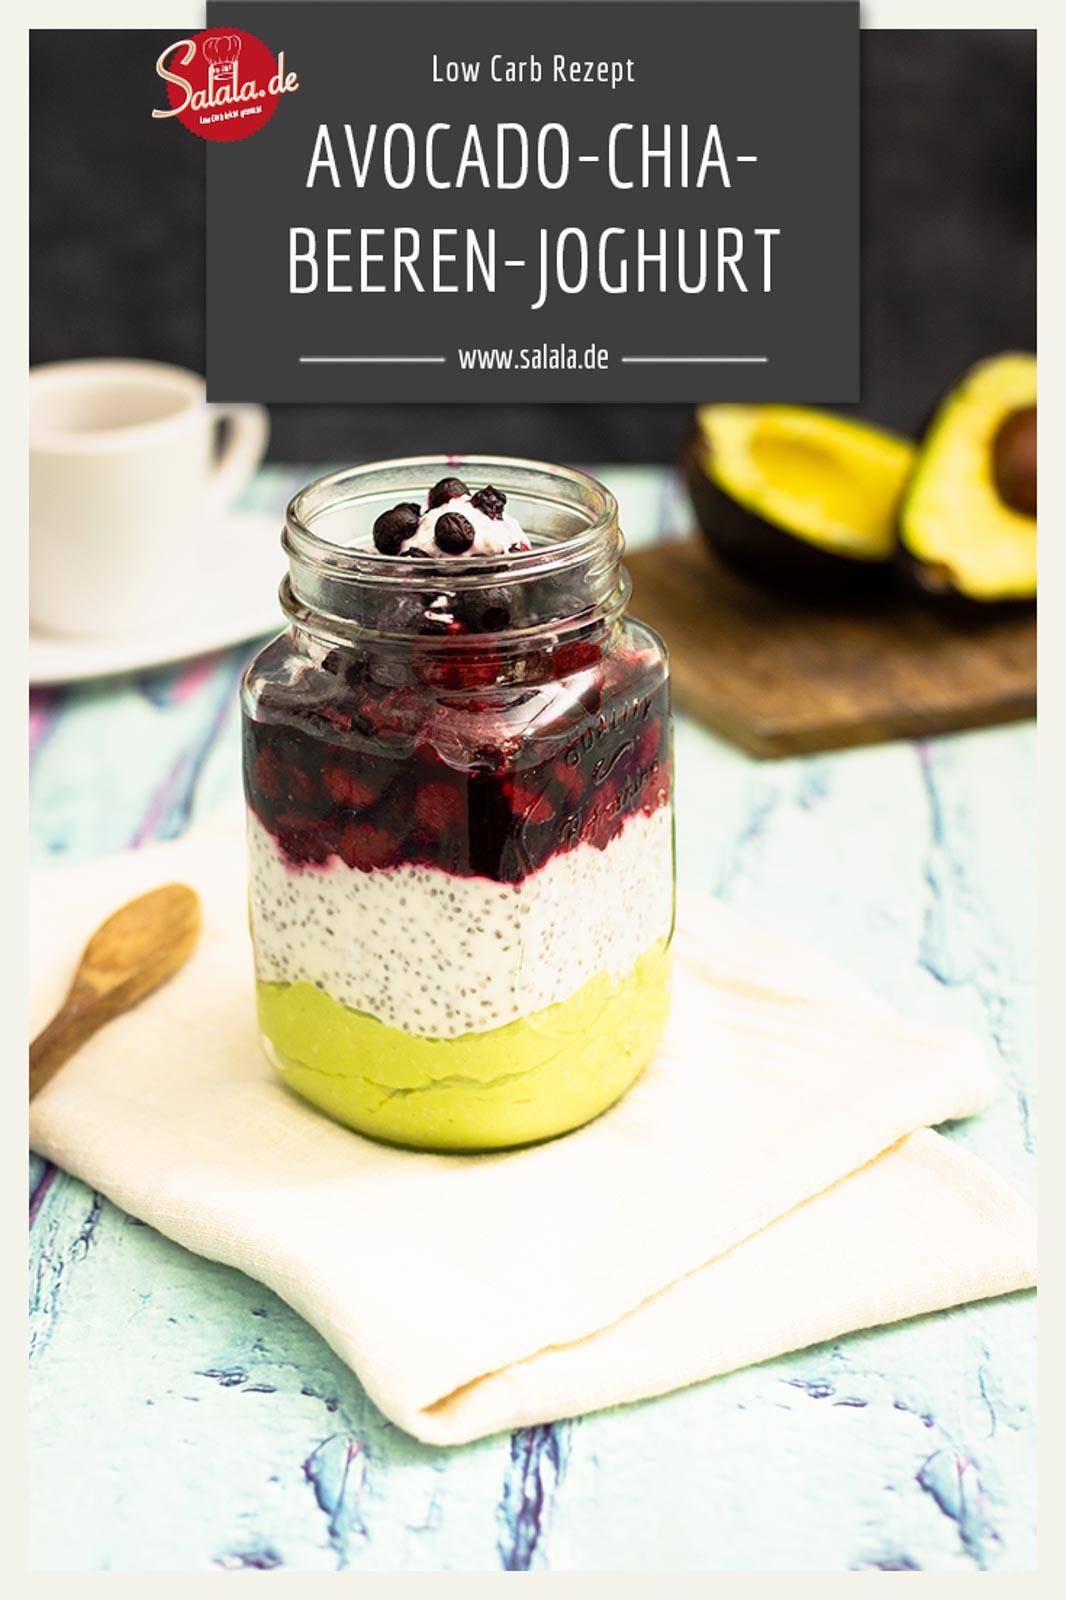 Avocado-Chia-Beeren-Joghurt zum Frühstück I by salala.de I Low Carb Rezept als Frühstück oder Nachspeise